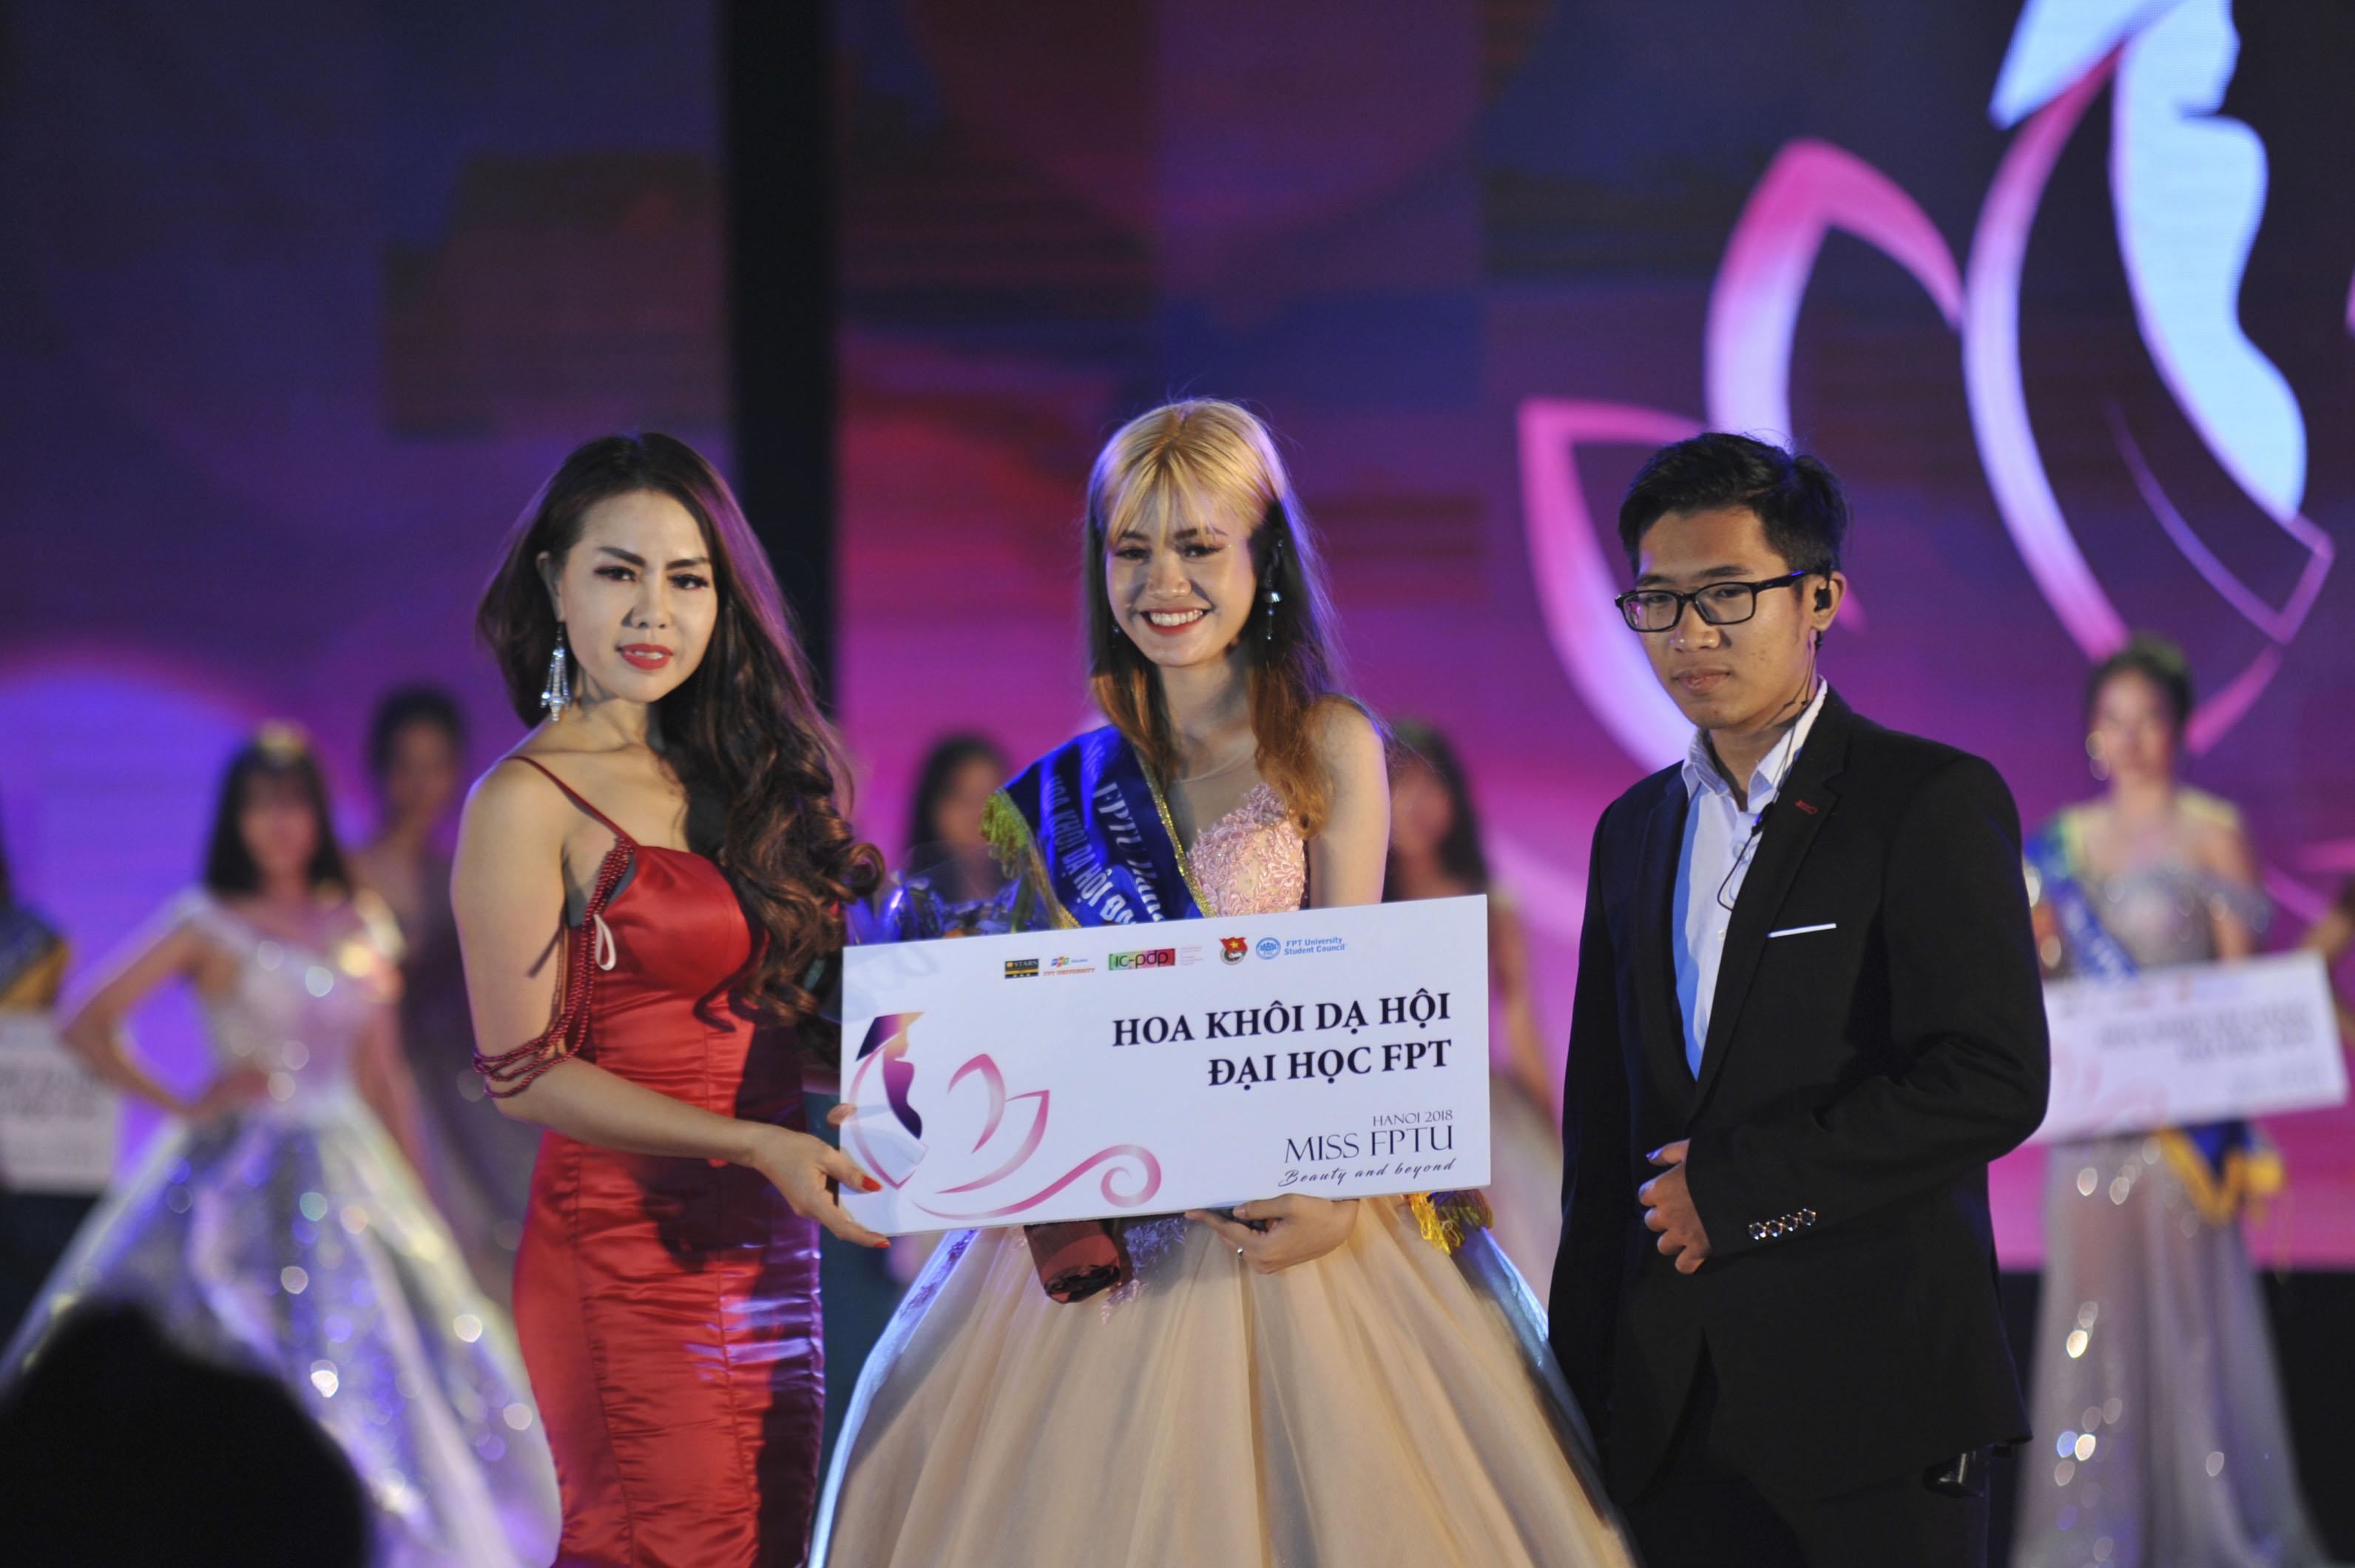 """Danh hiệu """"Hoa khôi dạ hội ĐH FPT"""" được trao cho thí sinh mặc trang phụ dạ hội đẹp nhất - Nguyễn Quỳnh Anh."""